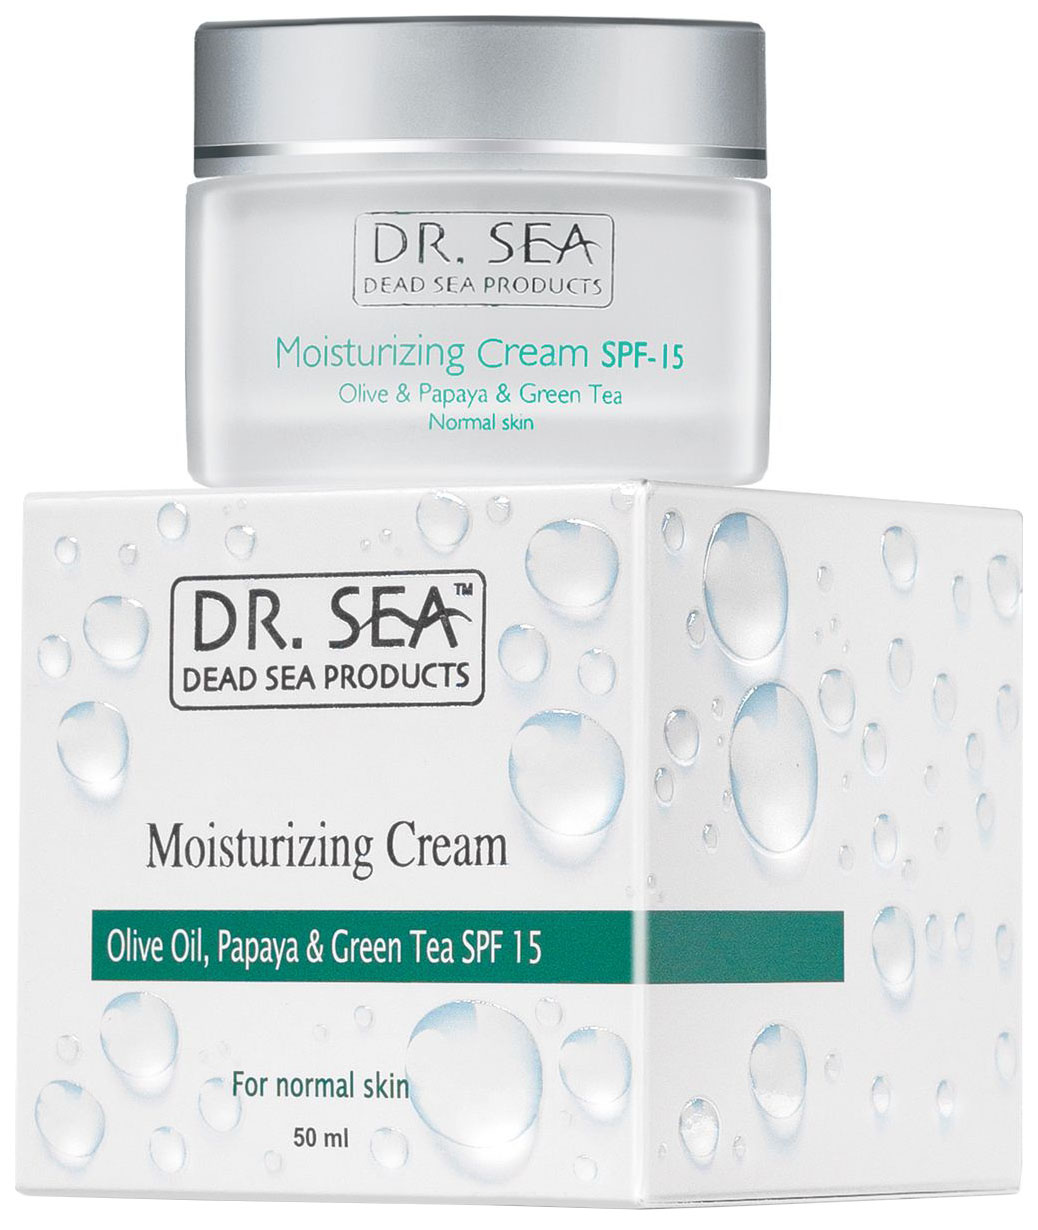 Купить Крем для лица Dr. Sea С маслом оливы, экстрактом папайи и зеленого чая SPF 15 50 мл